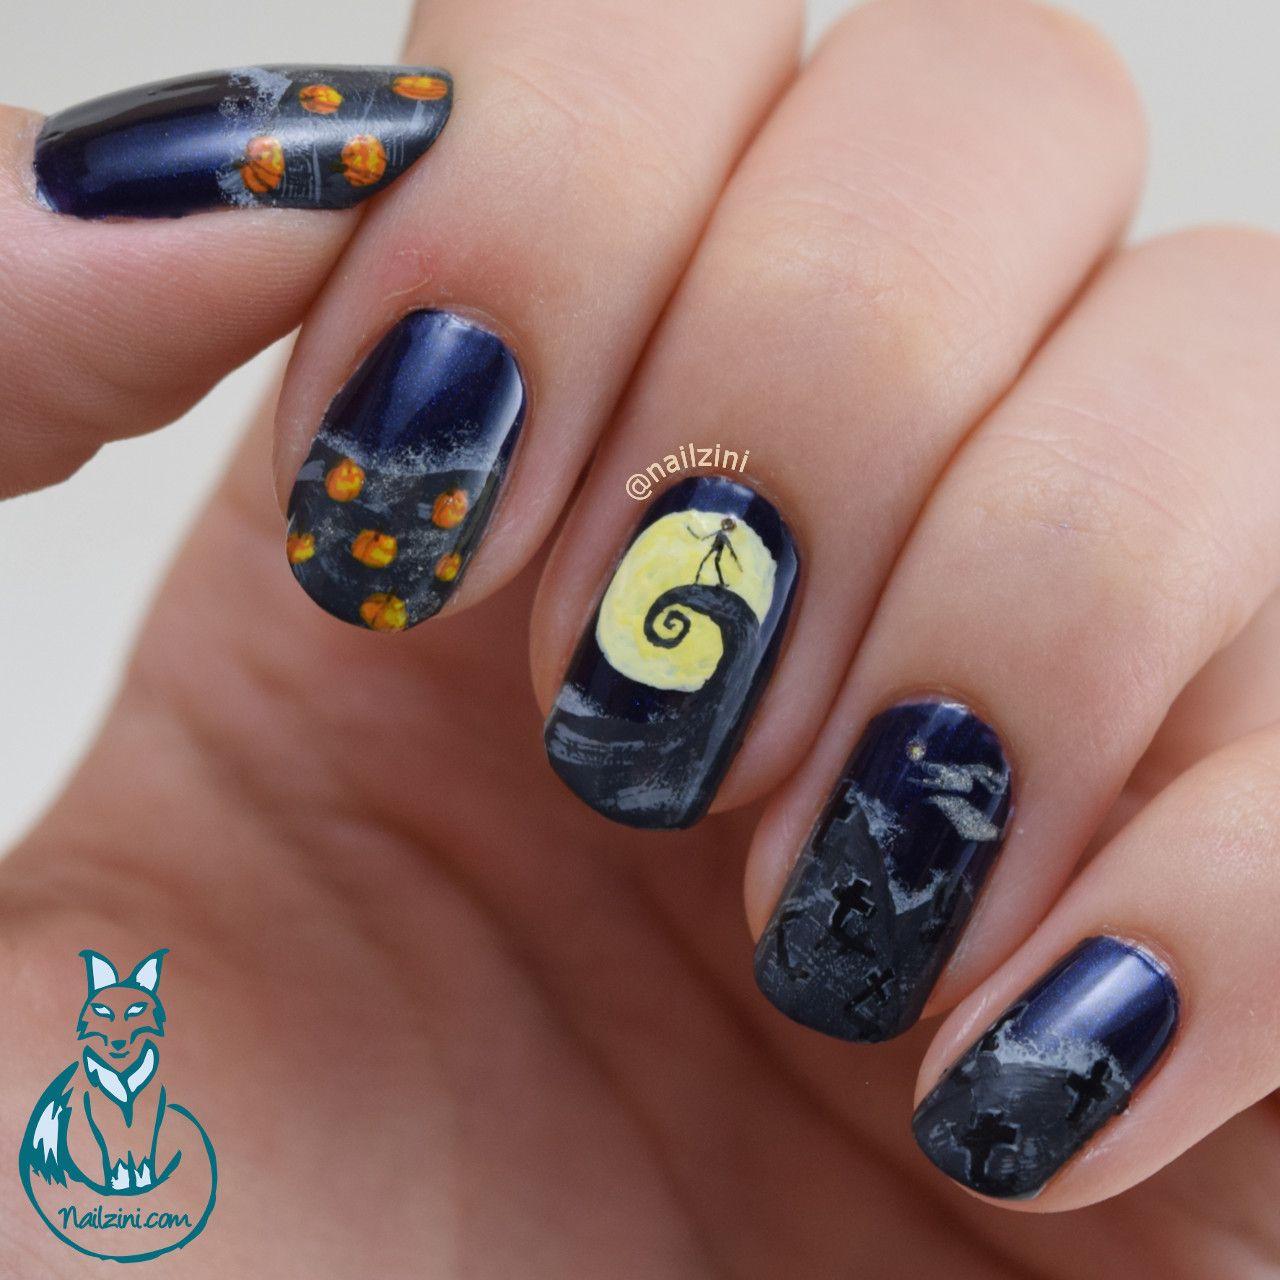 Nailzini: A Nail Art Blog: Nightmare Before Christmas Nail Art ...